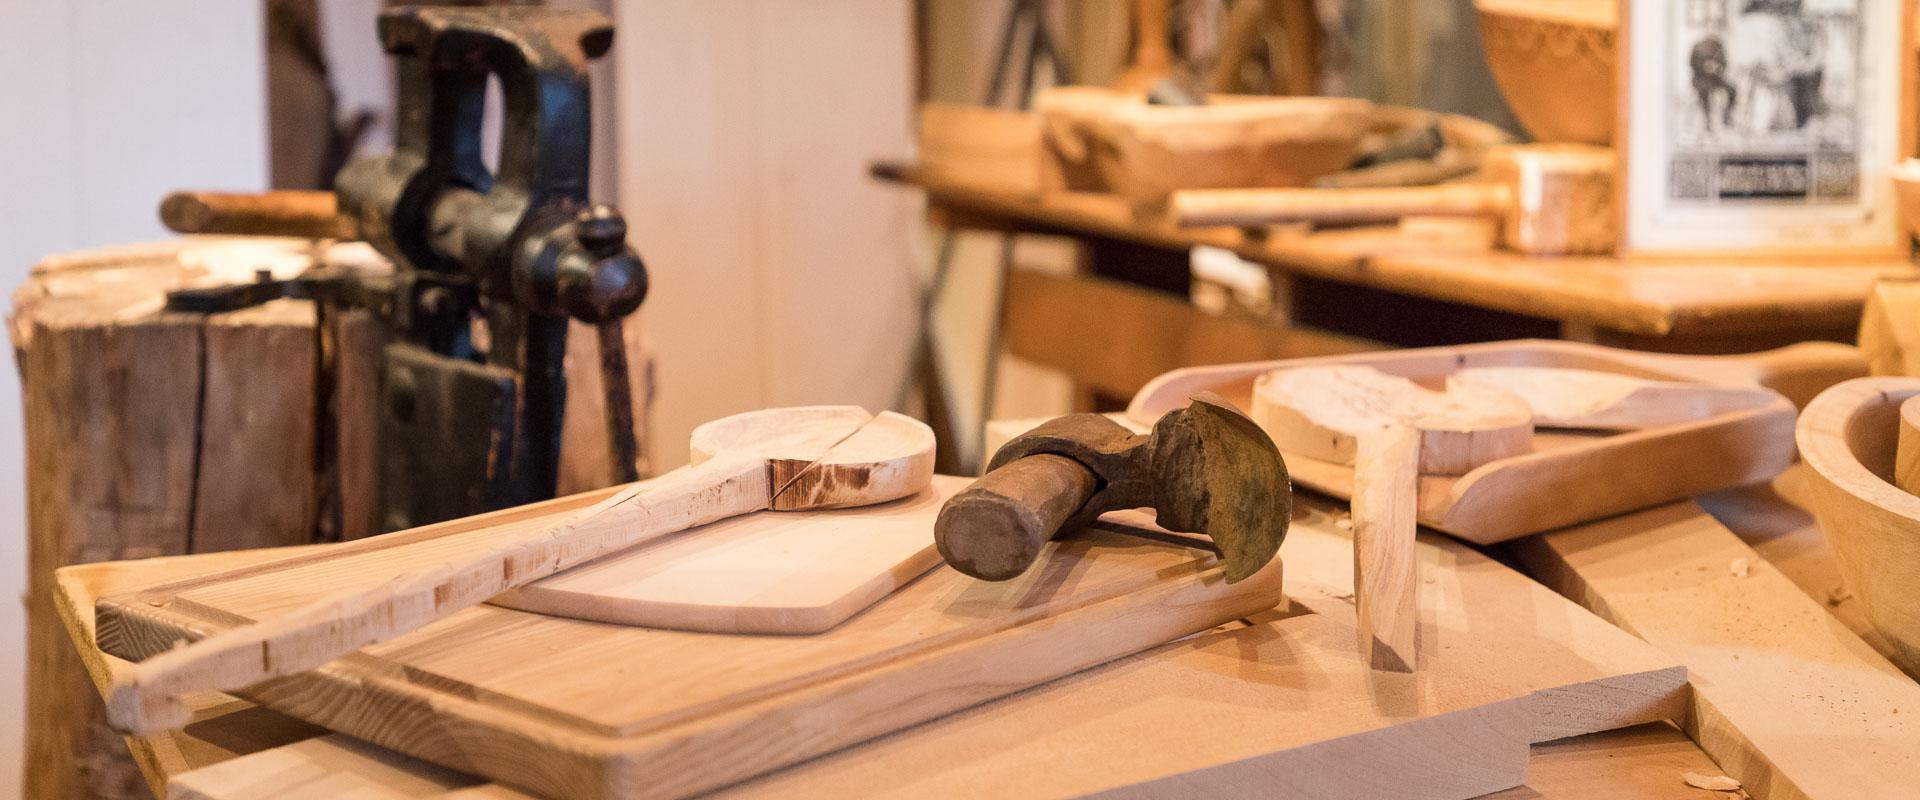 Löffelschnitzer-Werkstatt